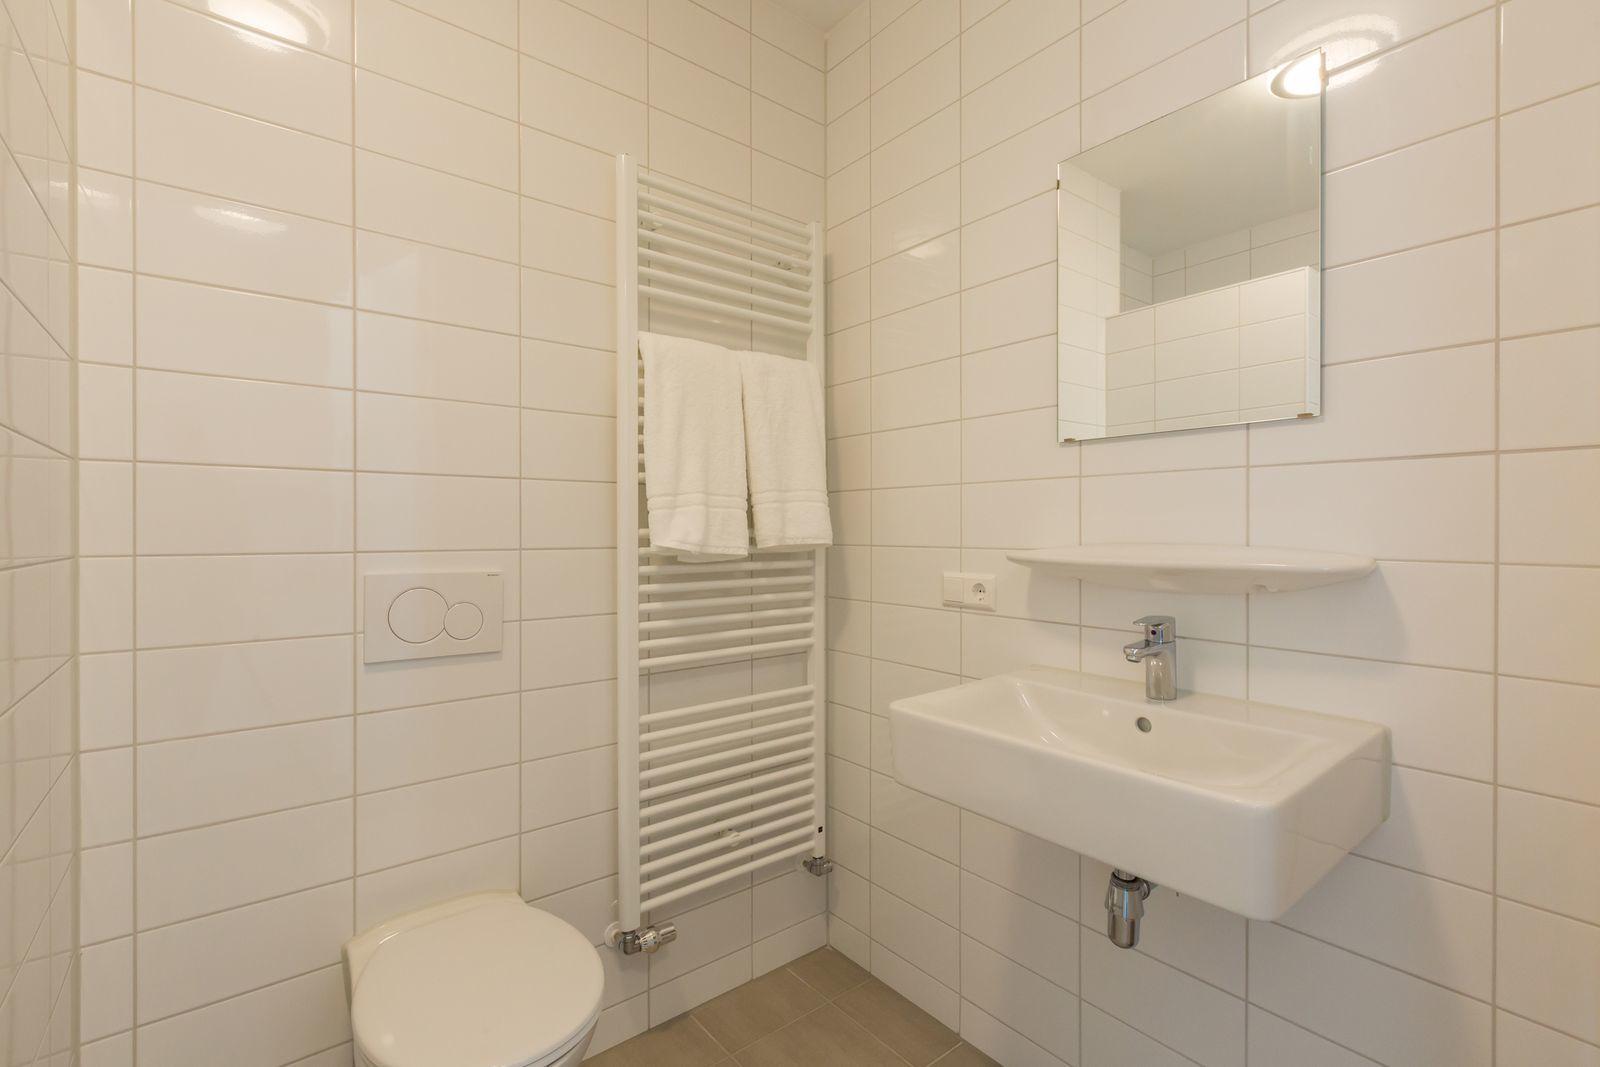 Luxuriöse Studio für 2 Personen (Haustier erlaubt) | Zoutelande